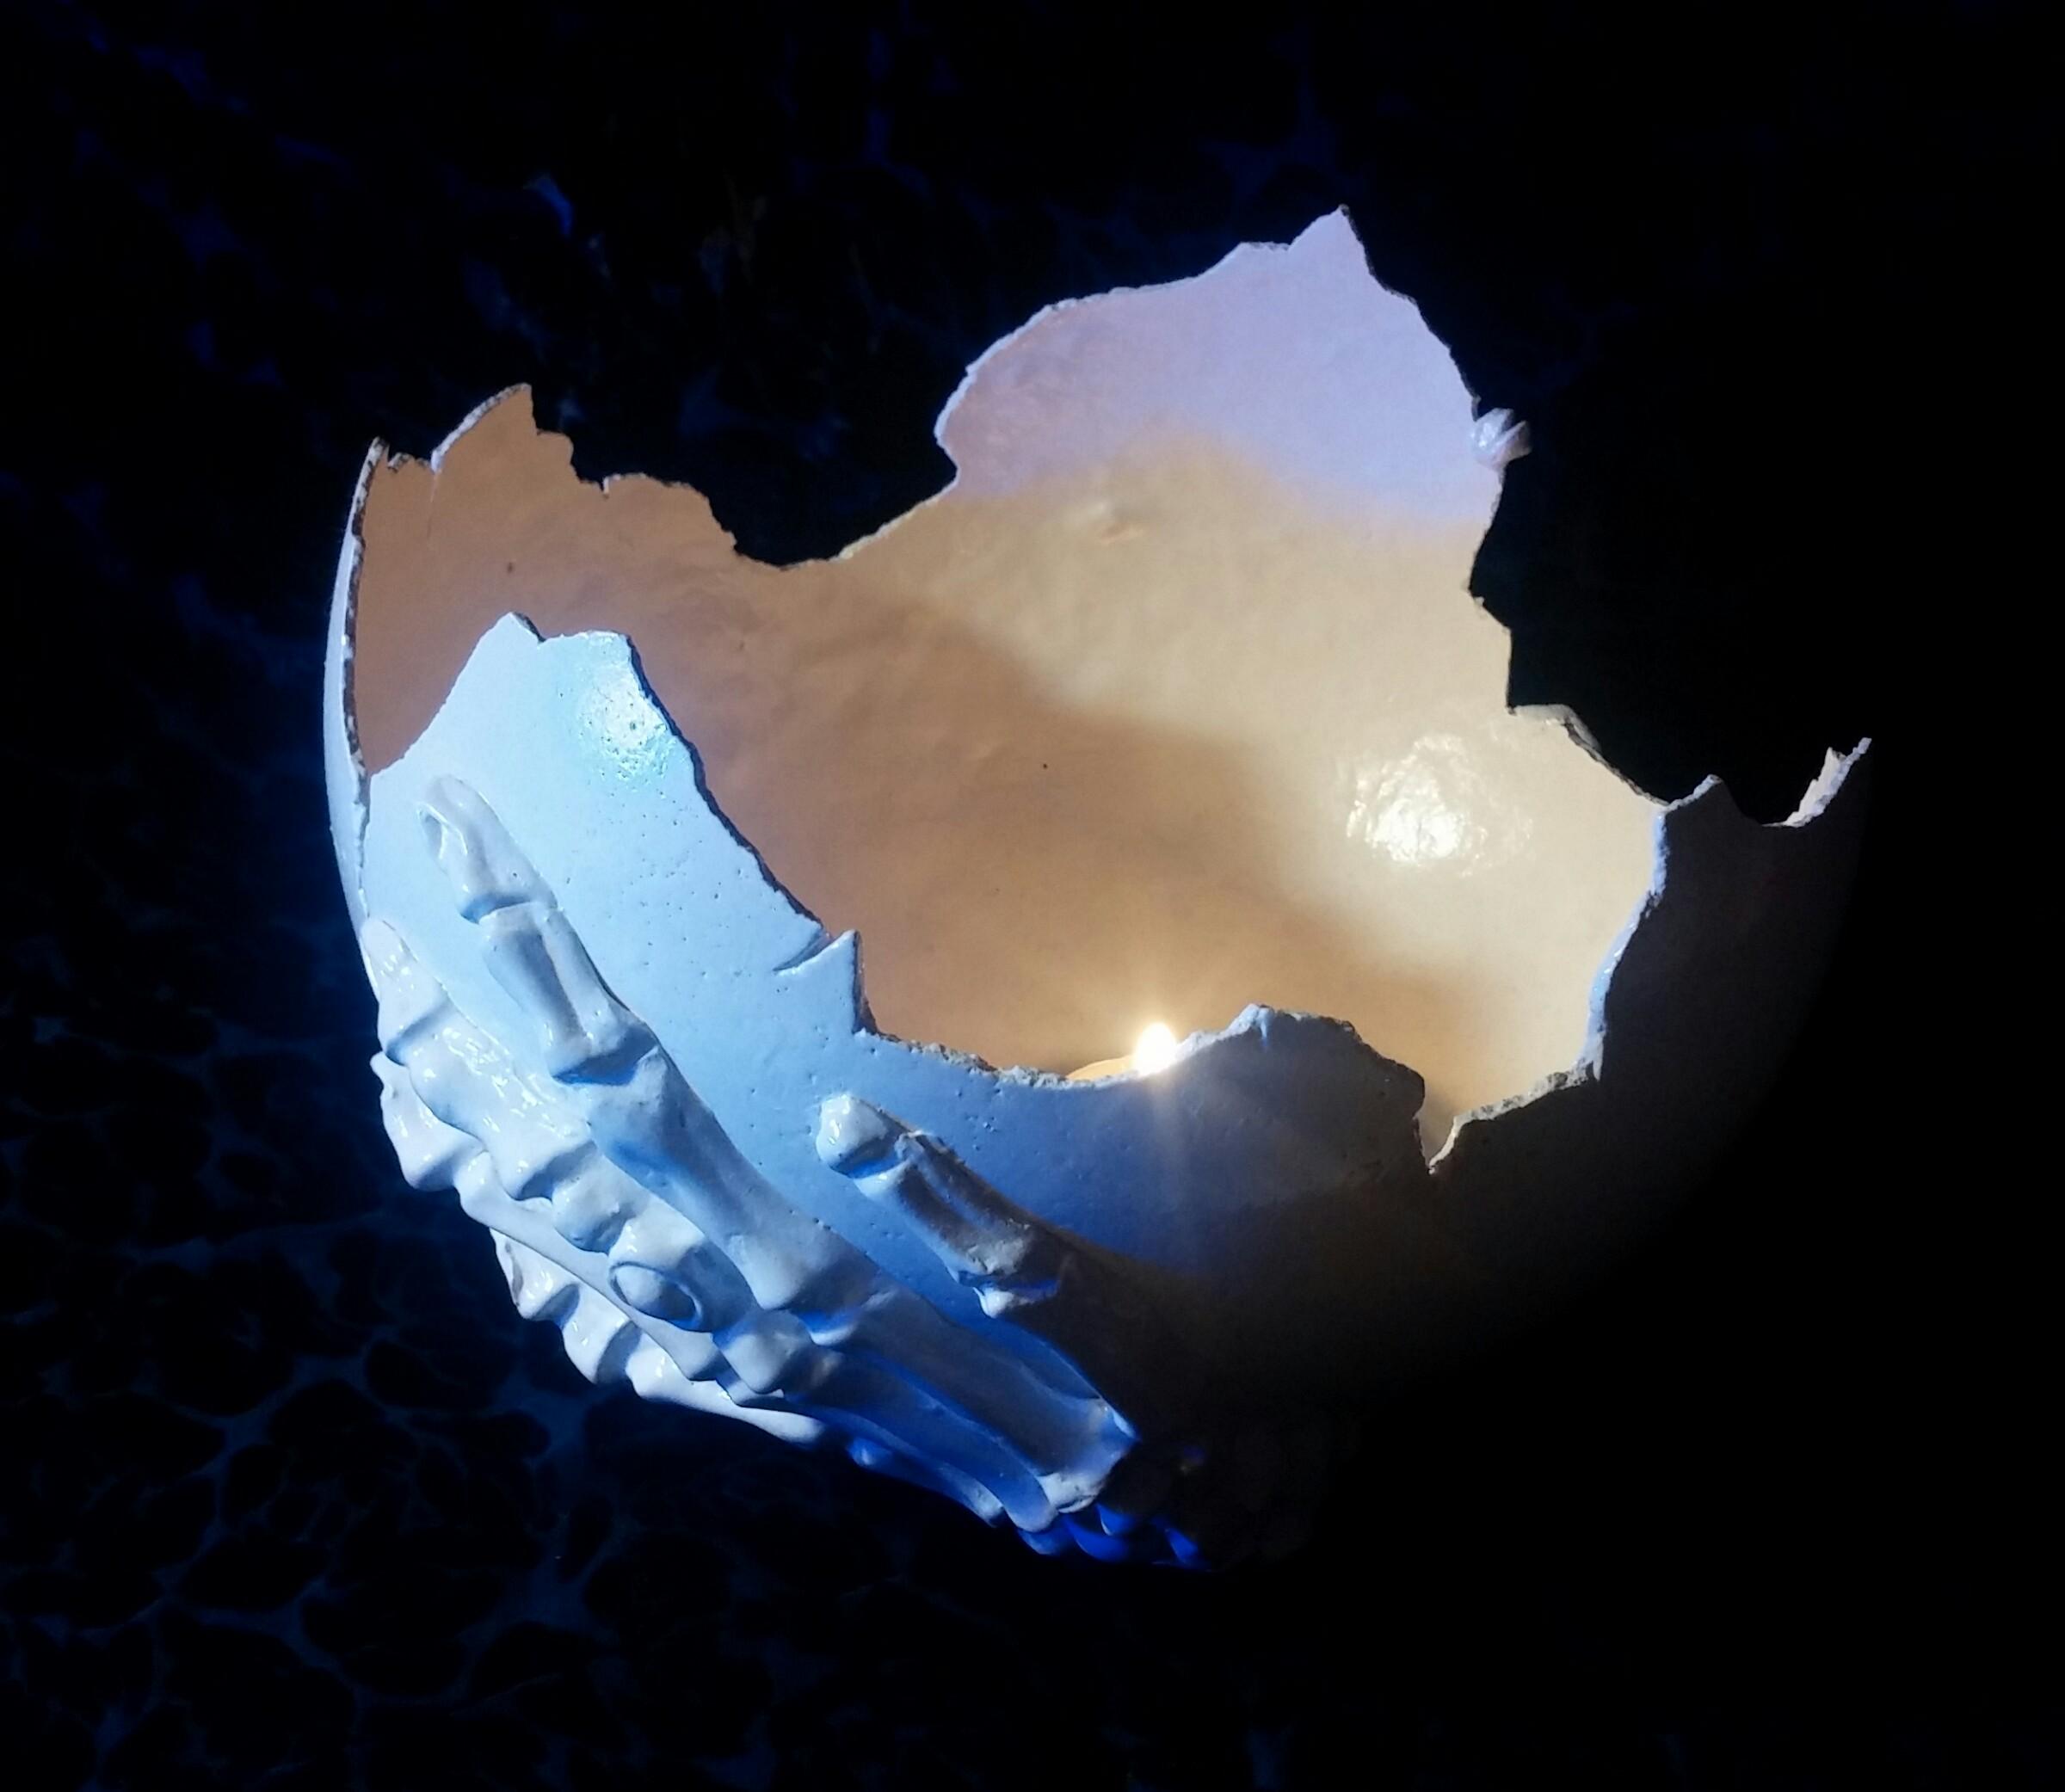 פמוט קליפת-ביצה